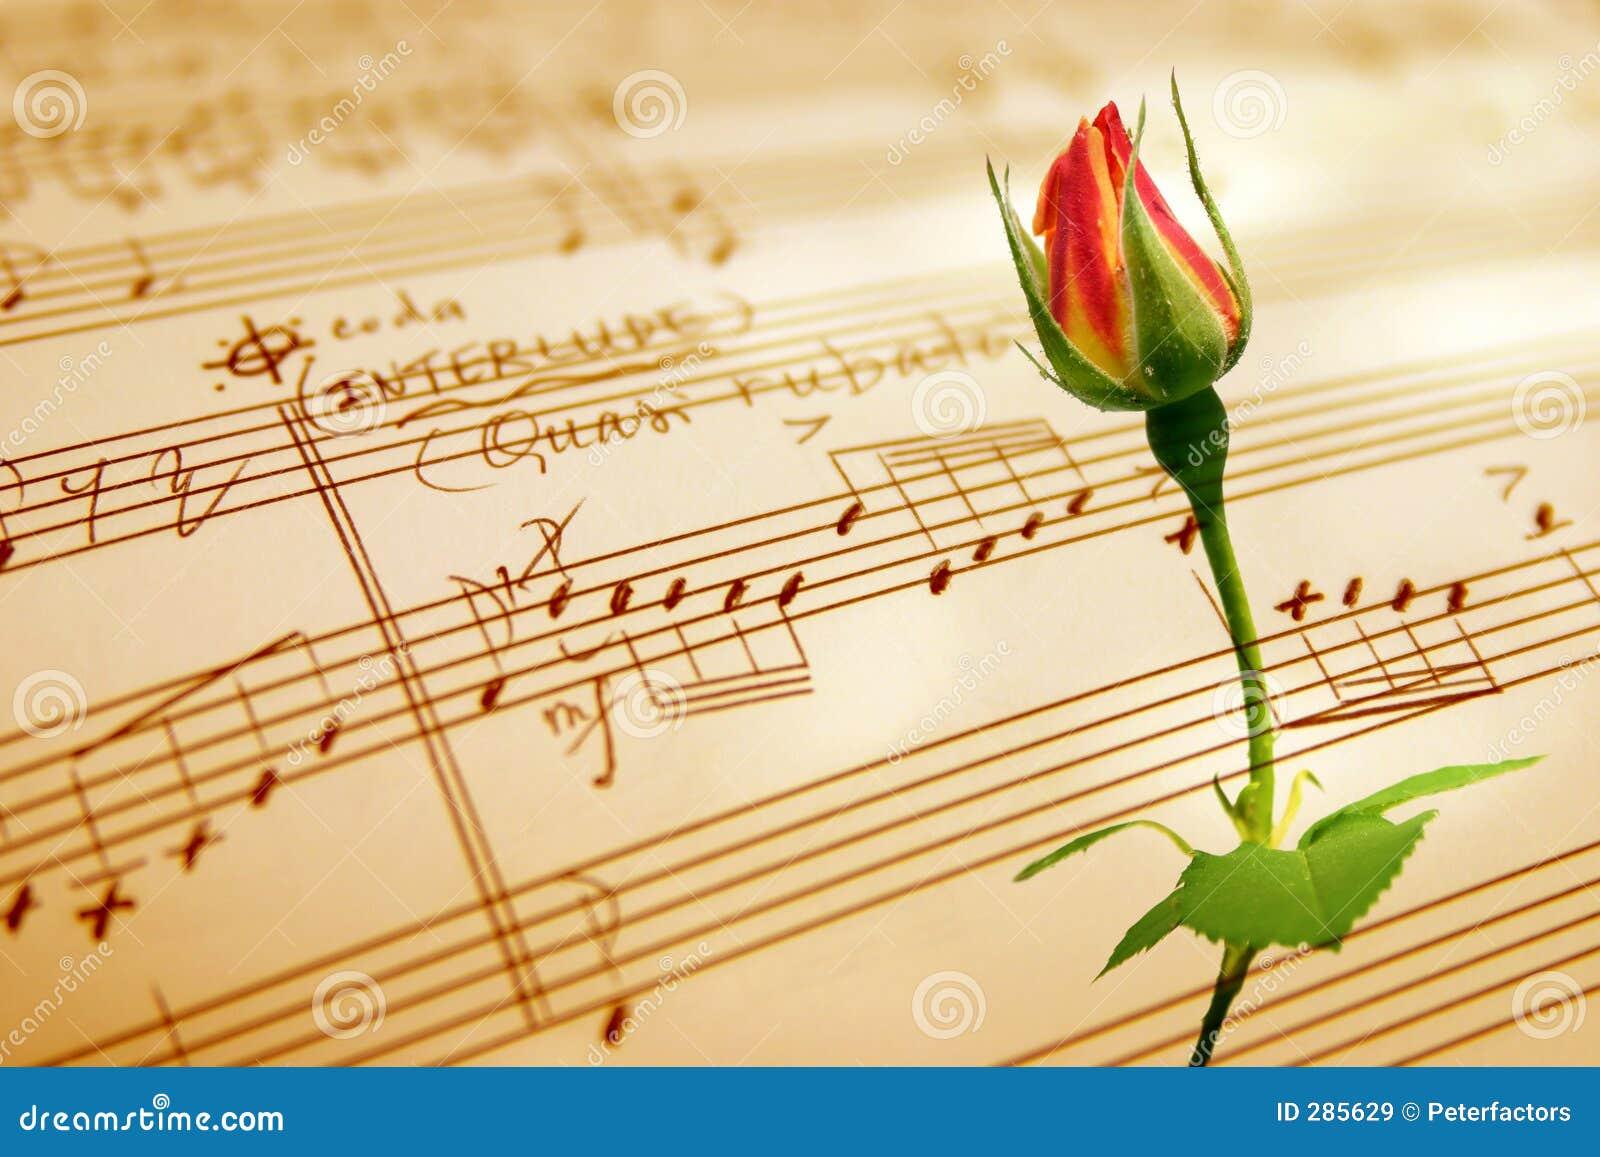 Hoja De Música Escrita Mano Imagen de archivo - Imagen de paginación ...